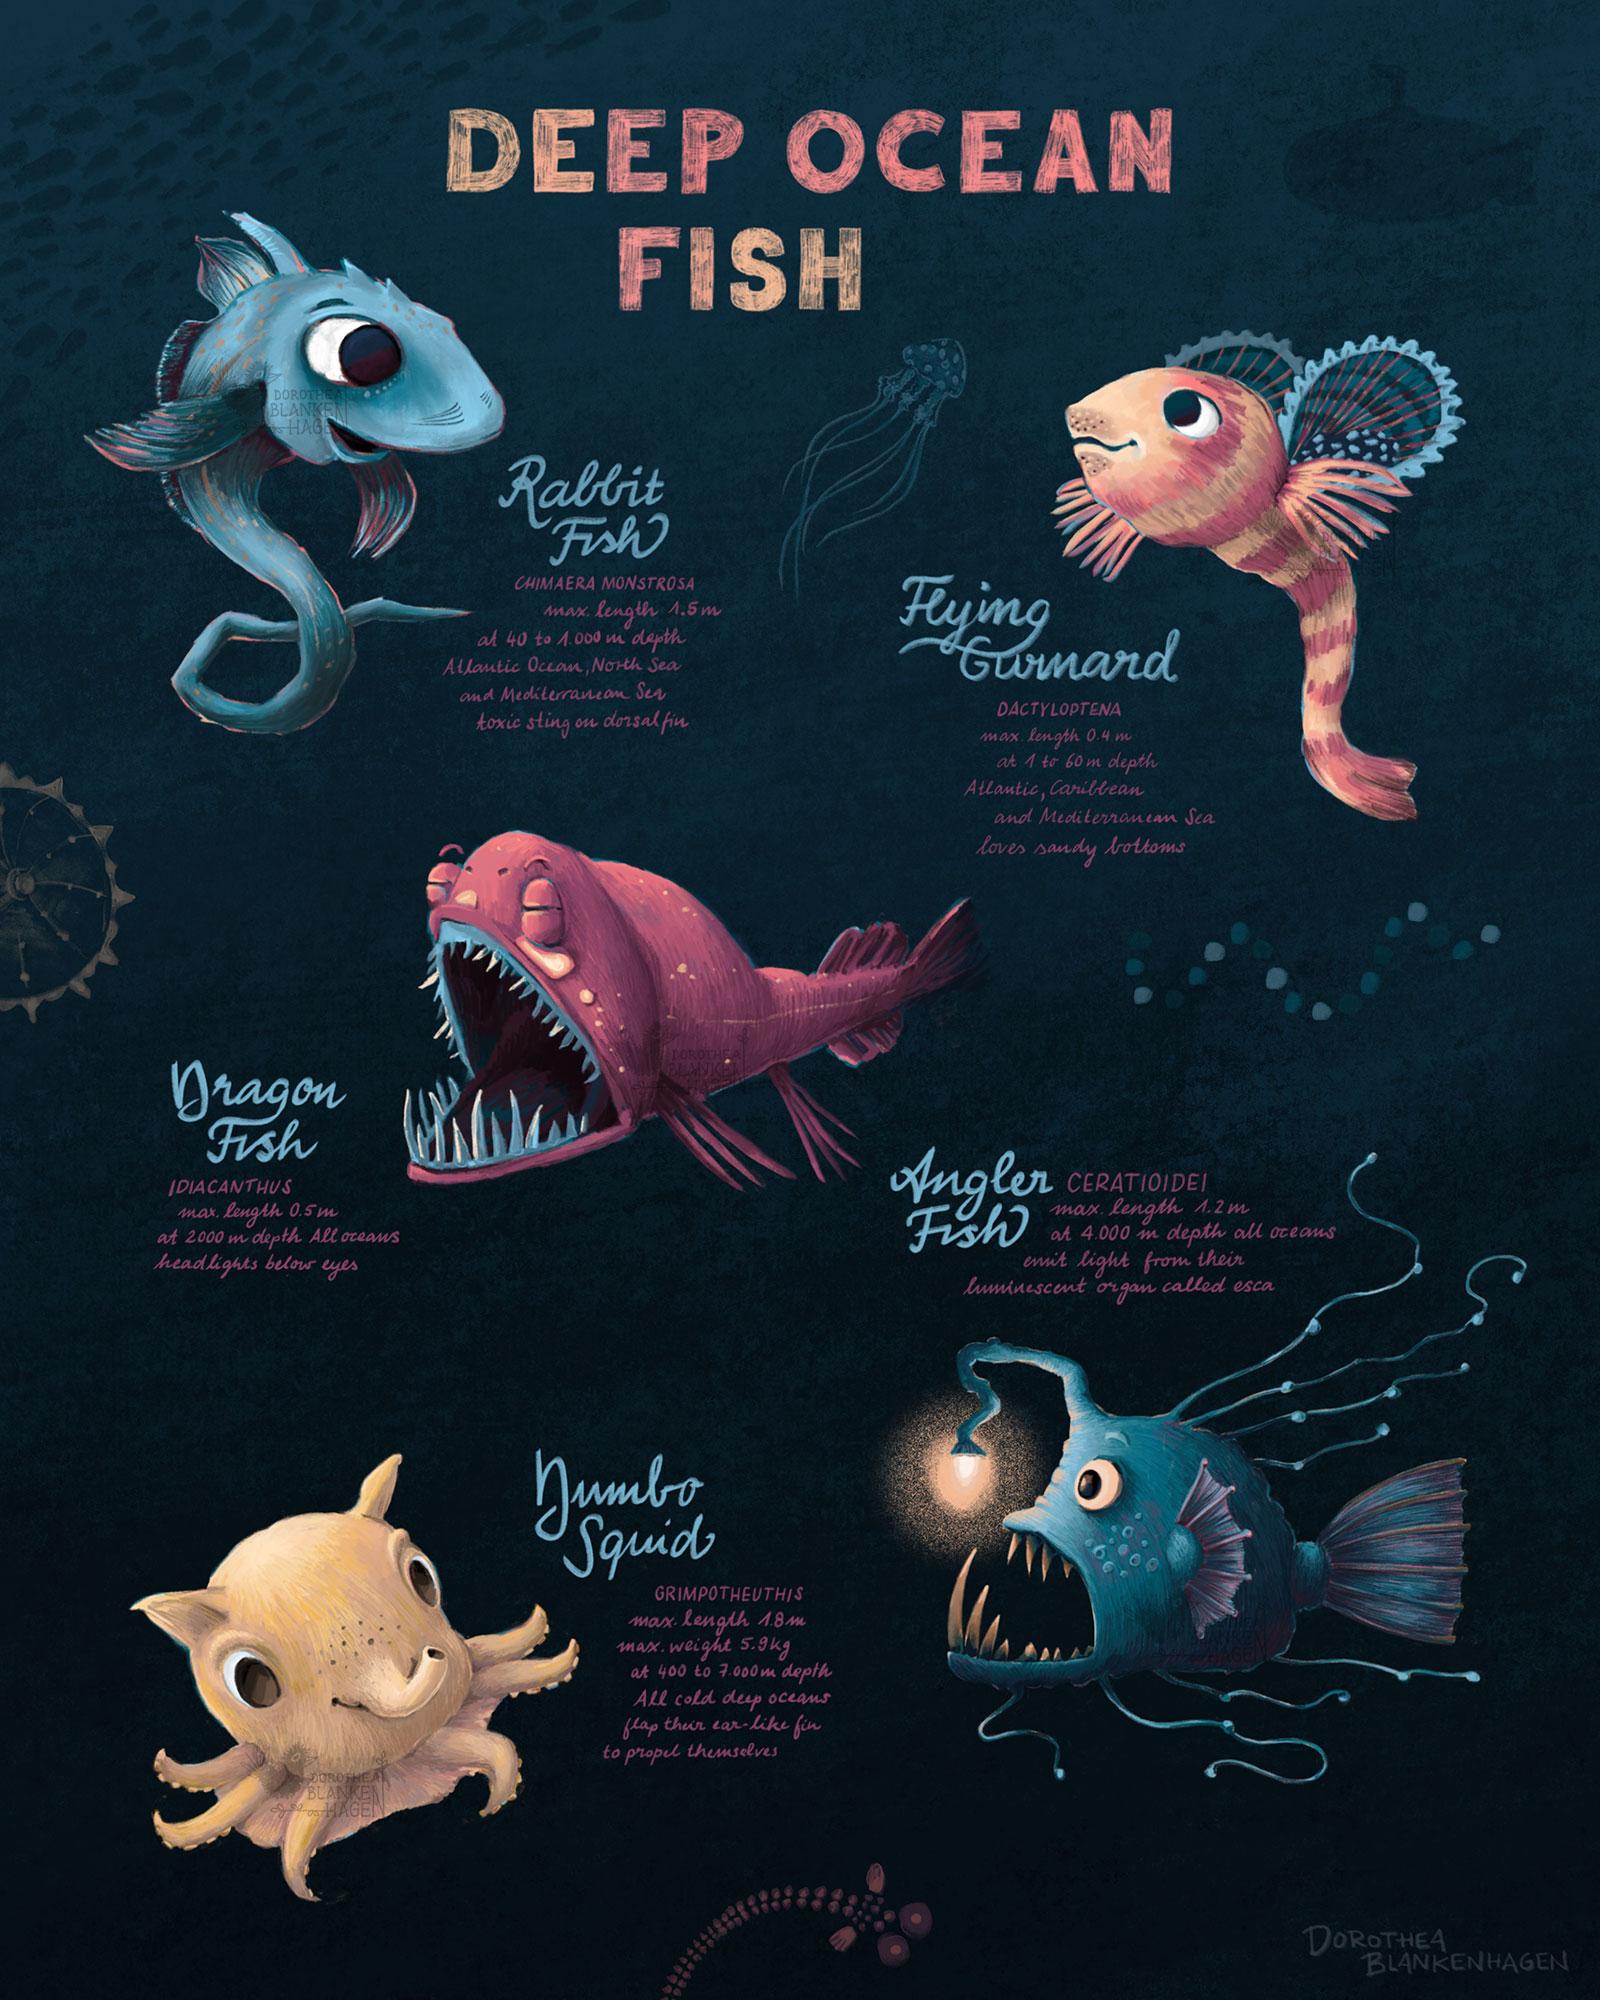 tiefseefische-anglerfisch-fische-illustration-plakat-poster-dorothea-blankenhagen-berlin1.jpg